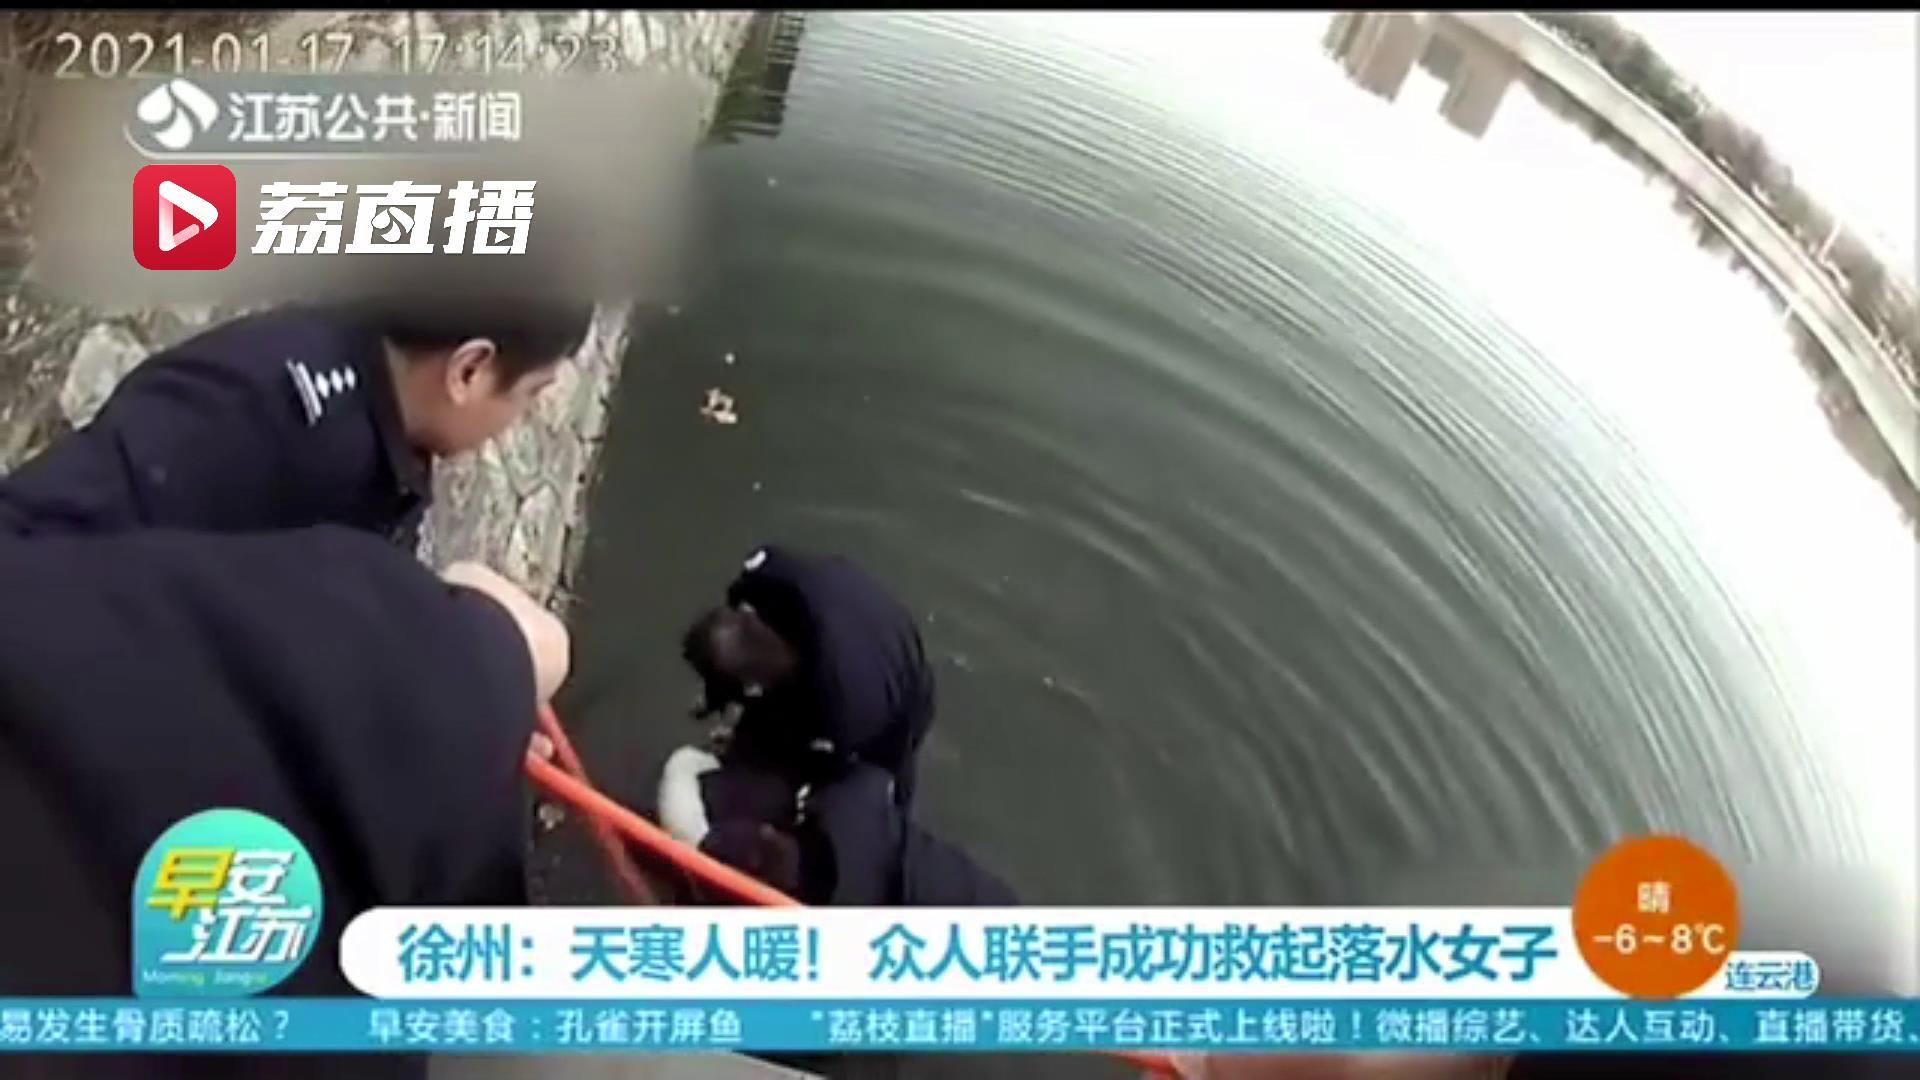 天寒人暖!众人联手成功救起落水女子